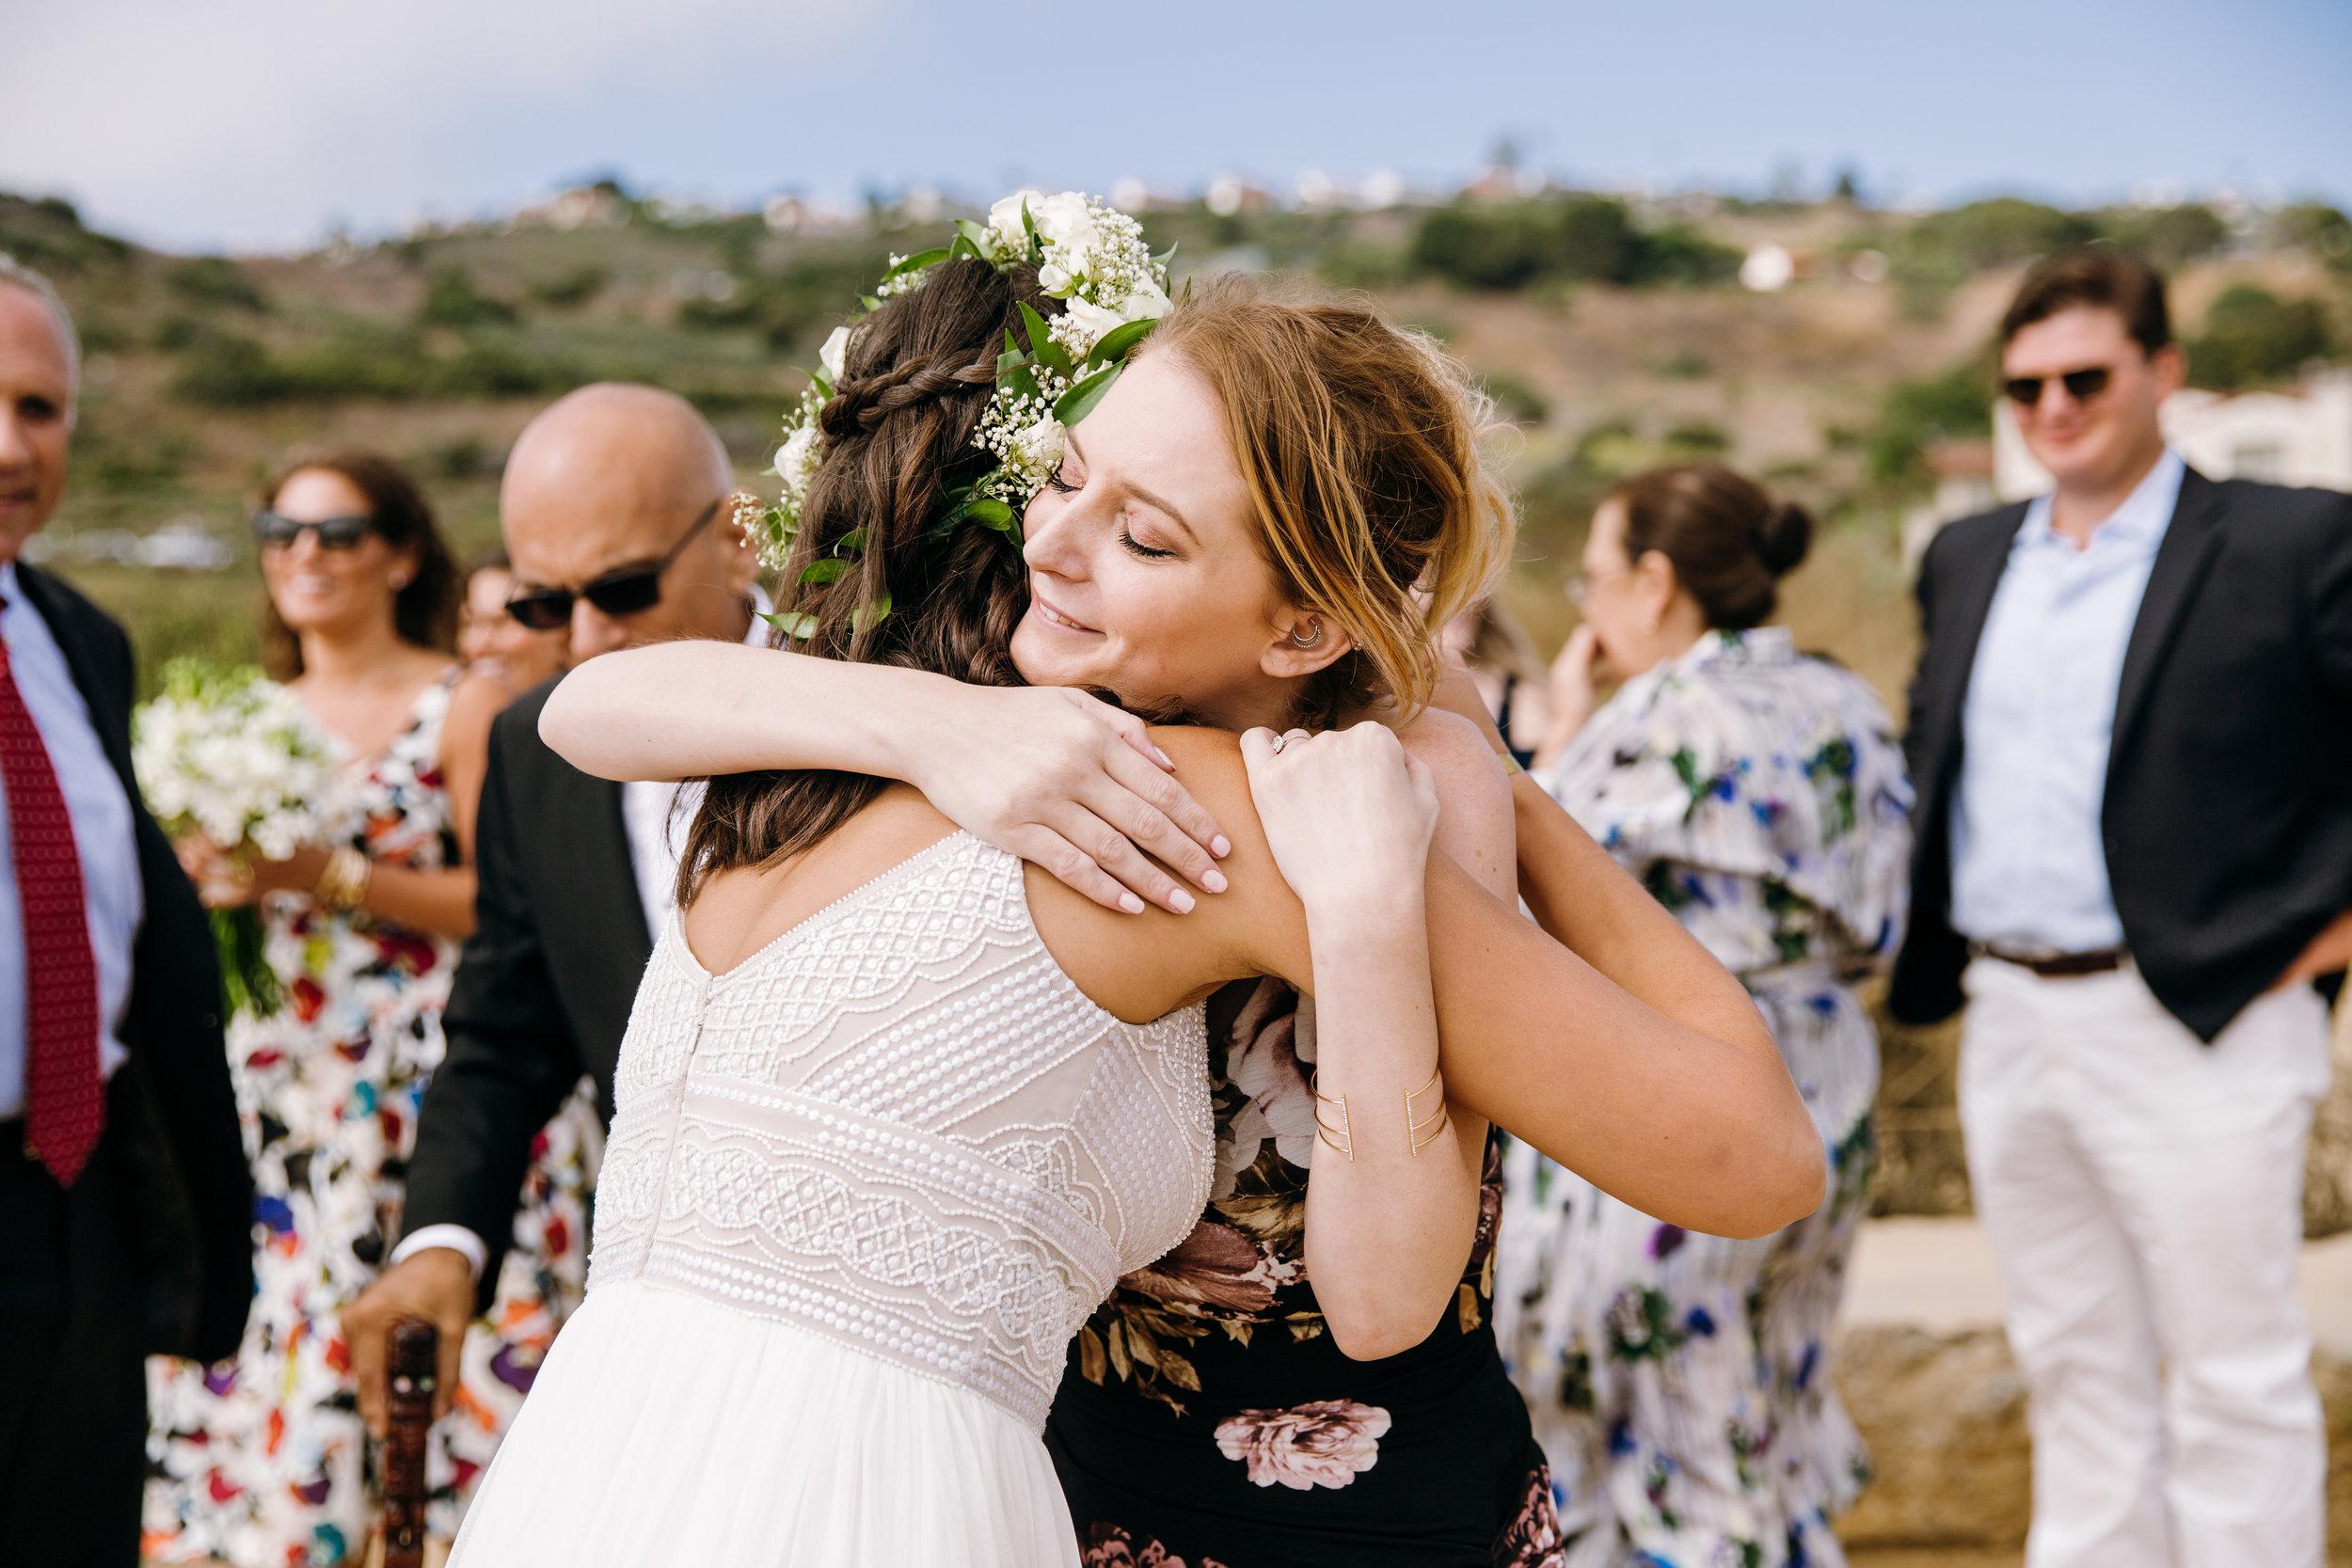 KaraNixonWeddings-PalosVerde-Terranea-Wedding-26.jpg